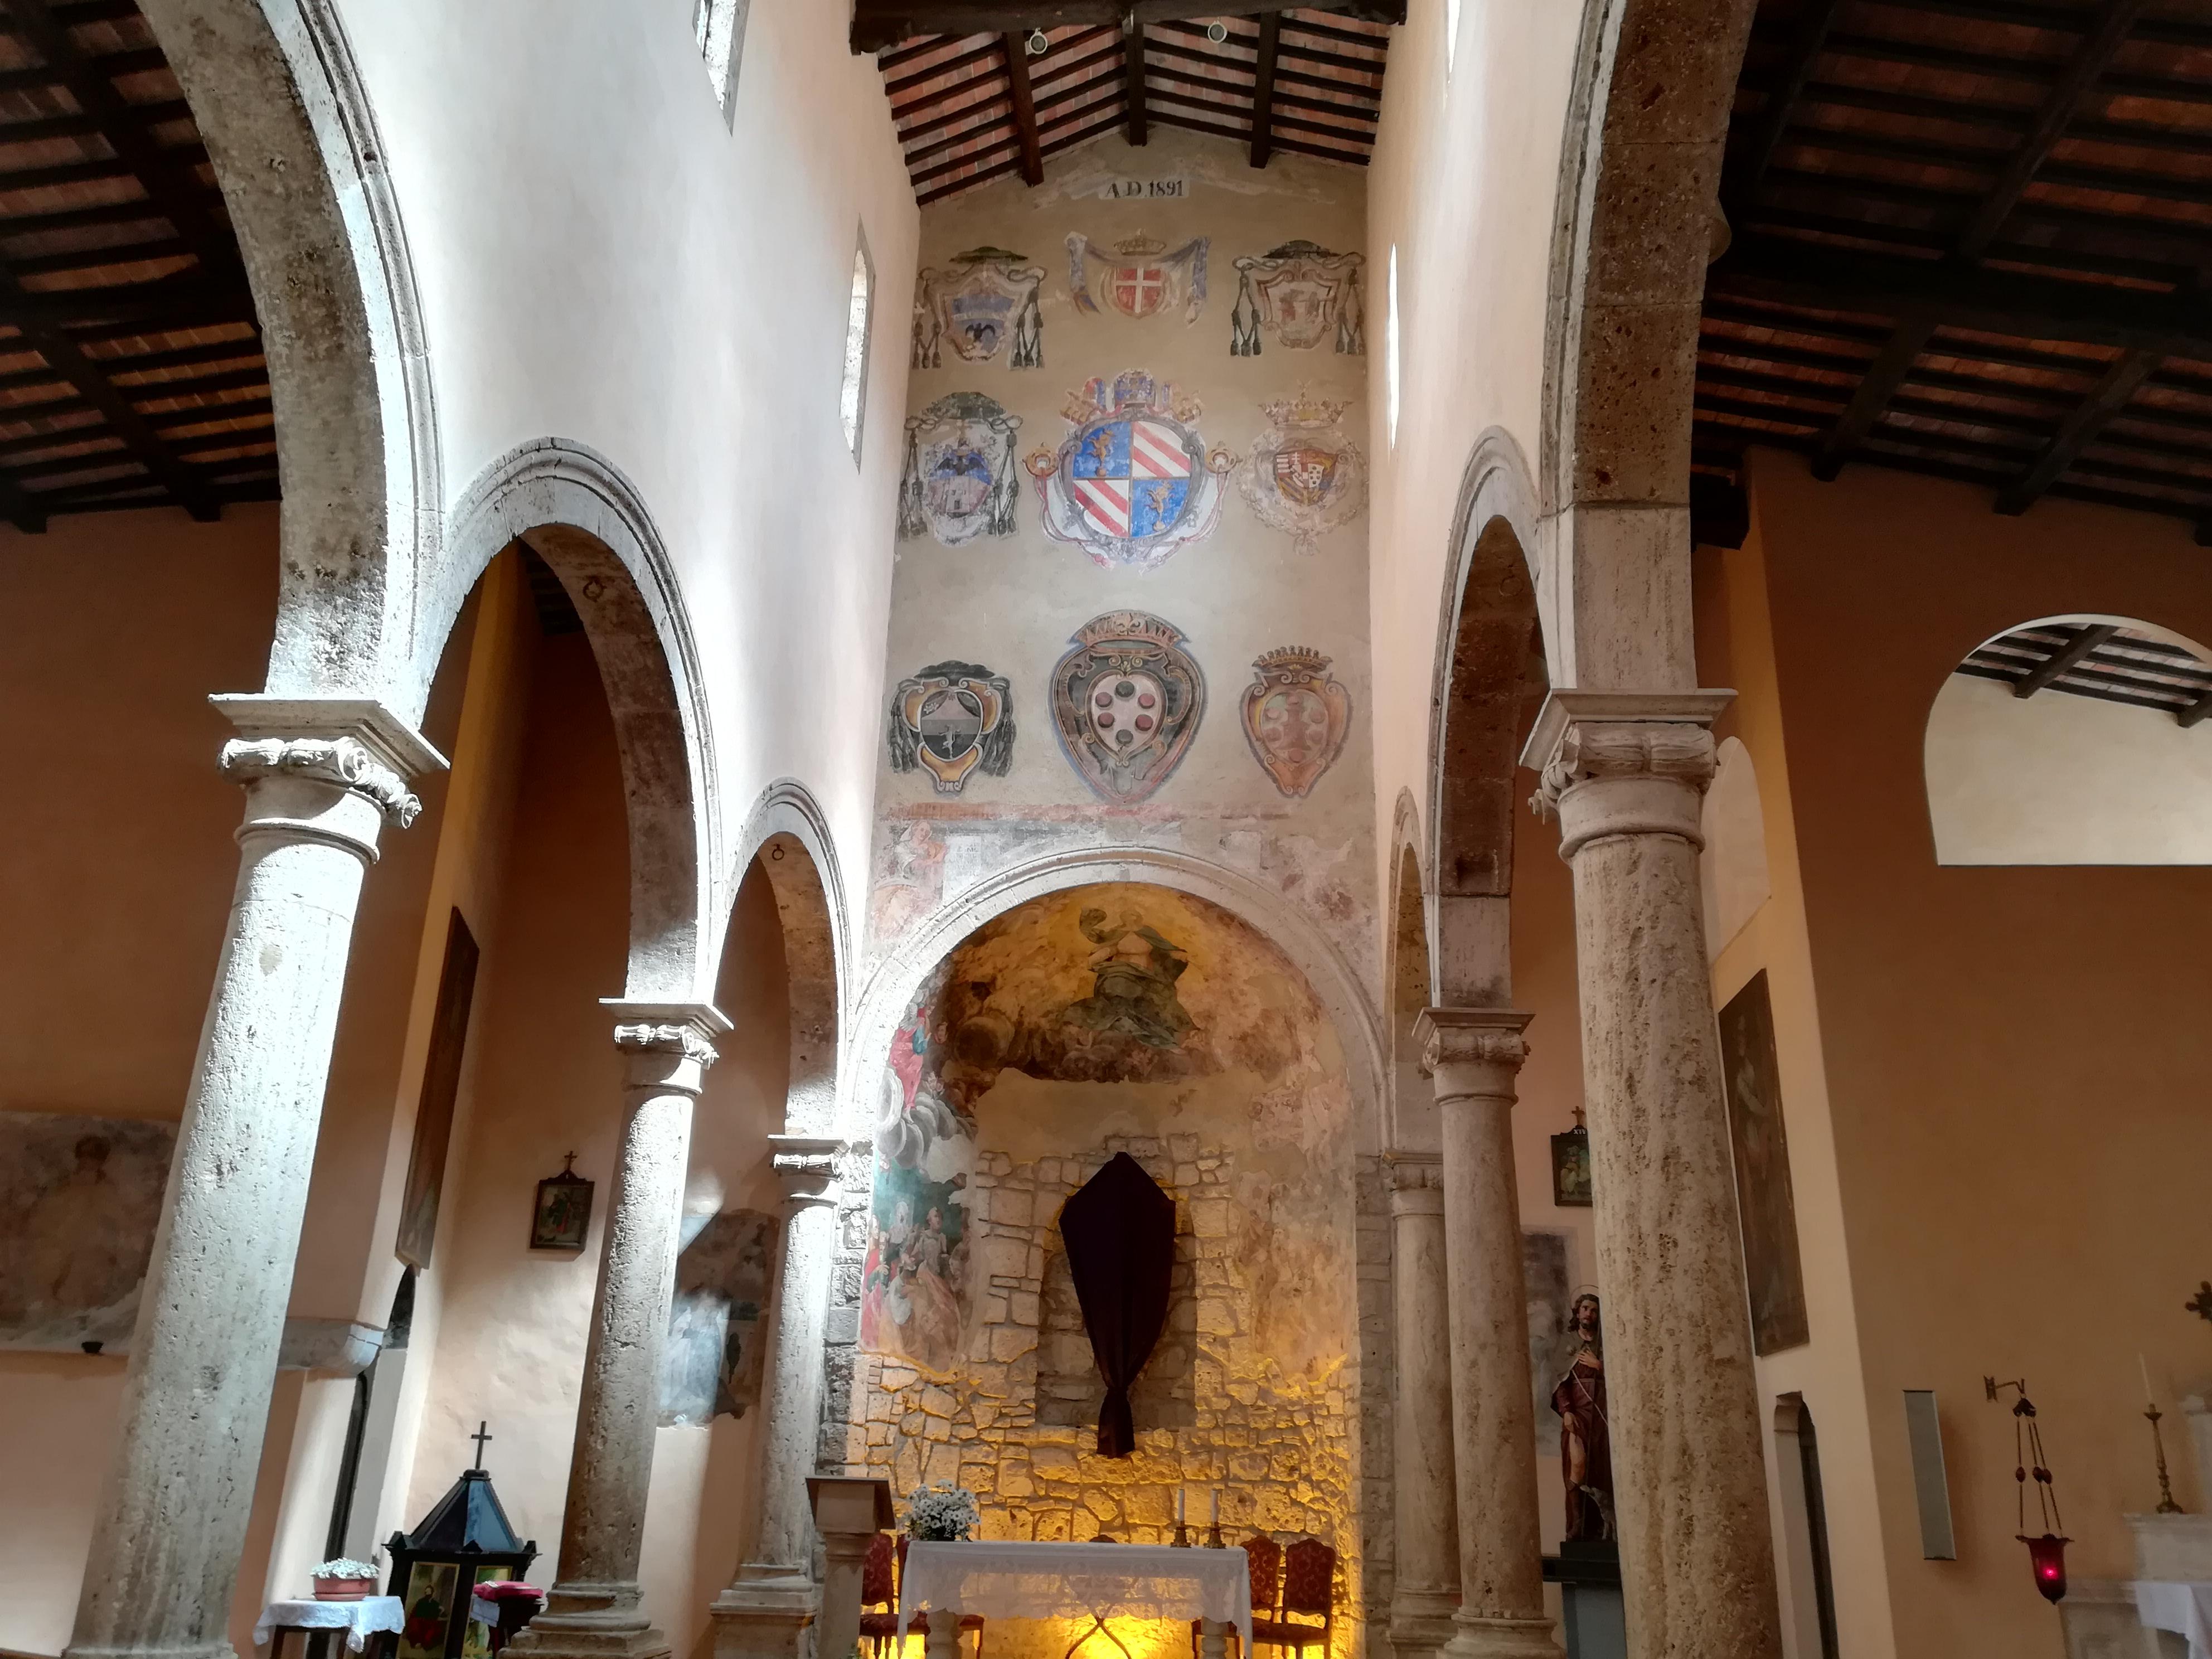 Interno della chiesa di Santa Maria e San Rocco a Pitigliano cosa vedere GetCOO Travel